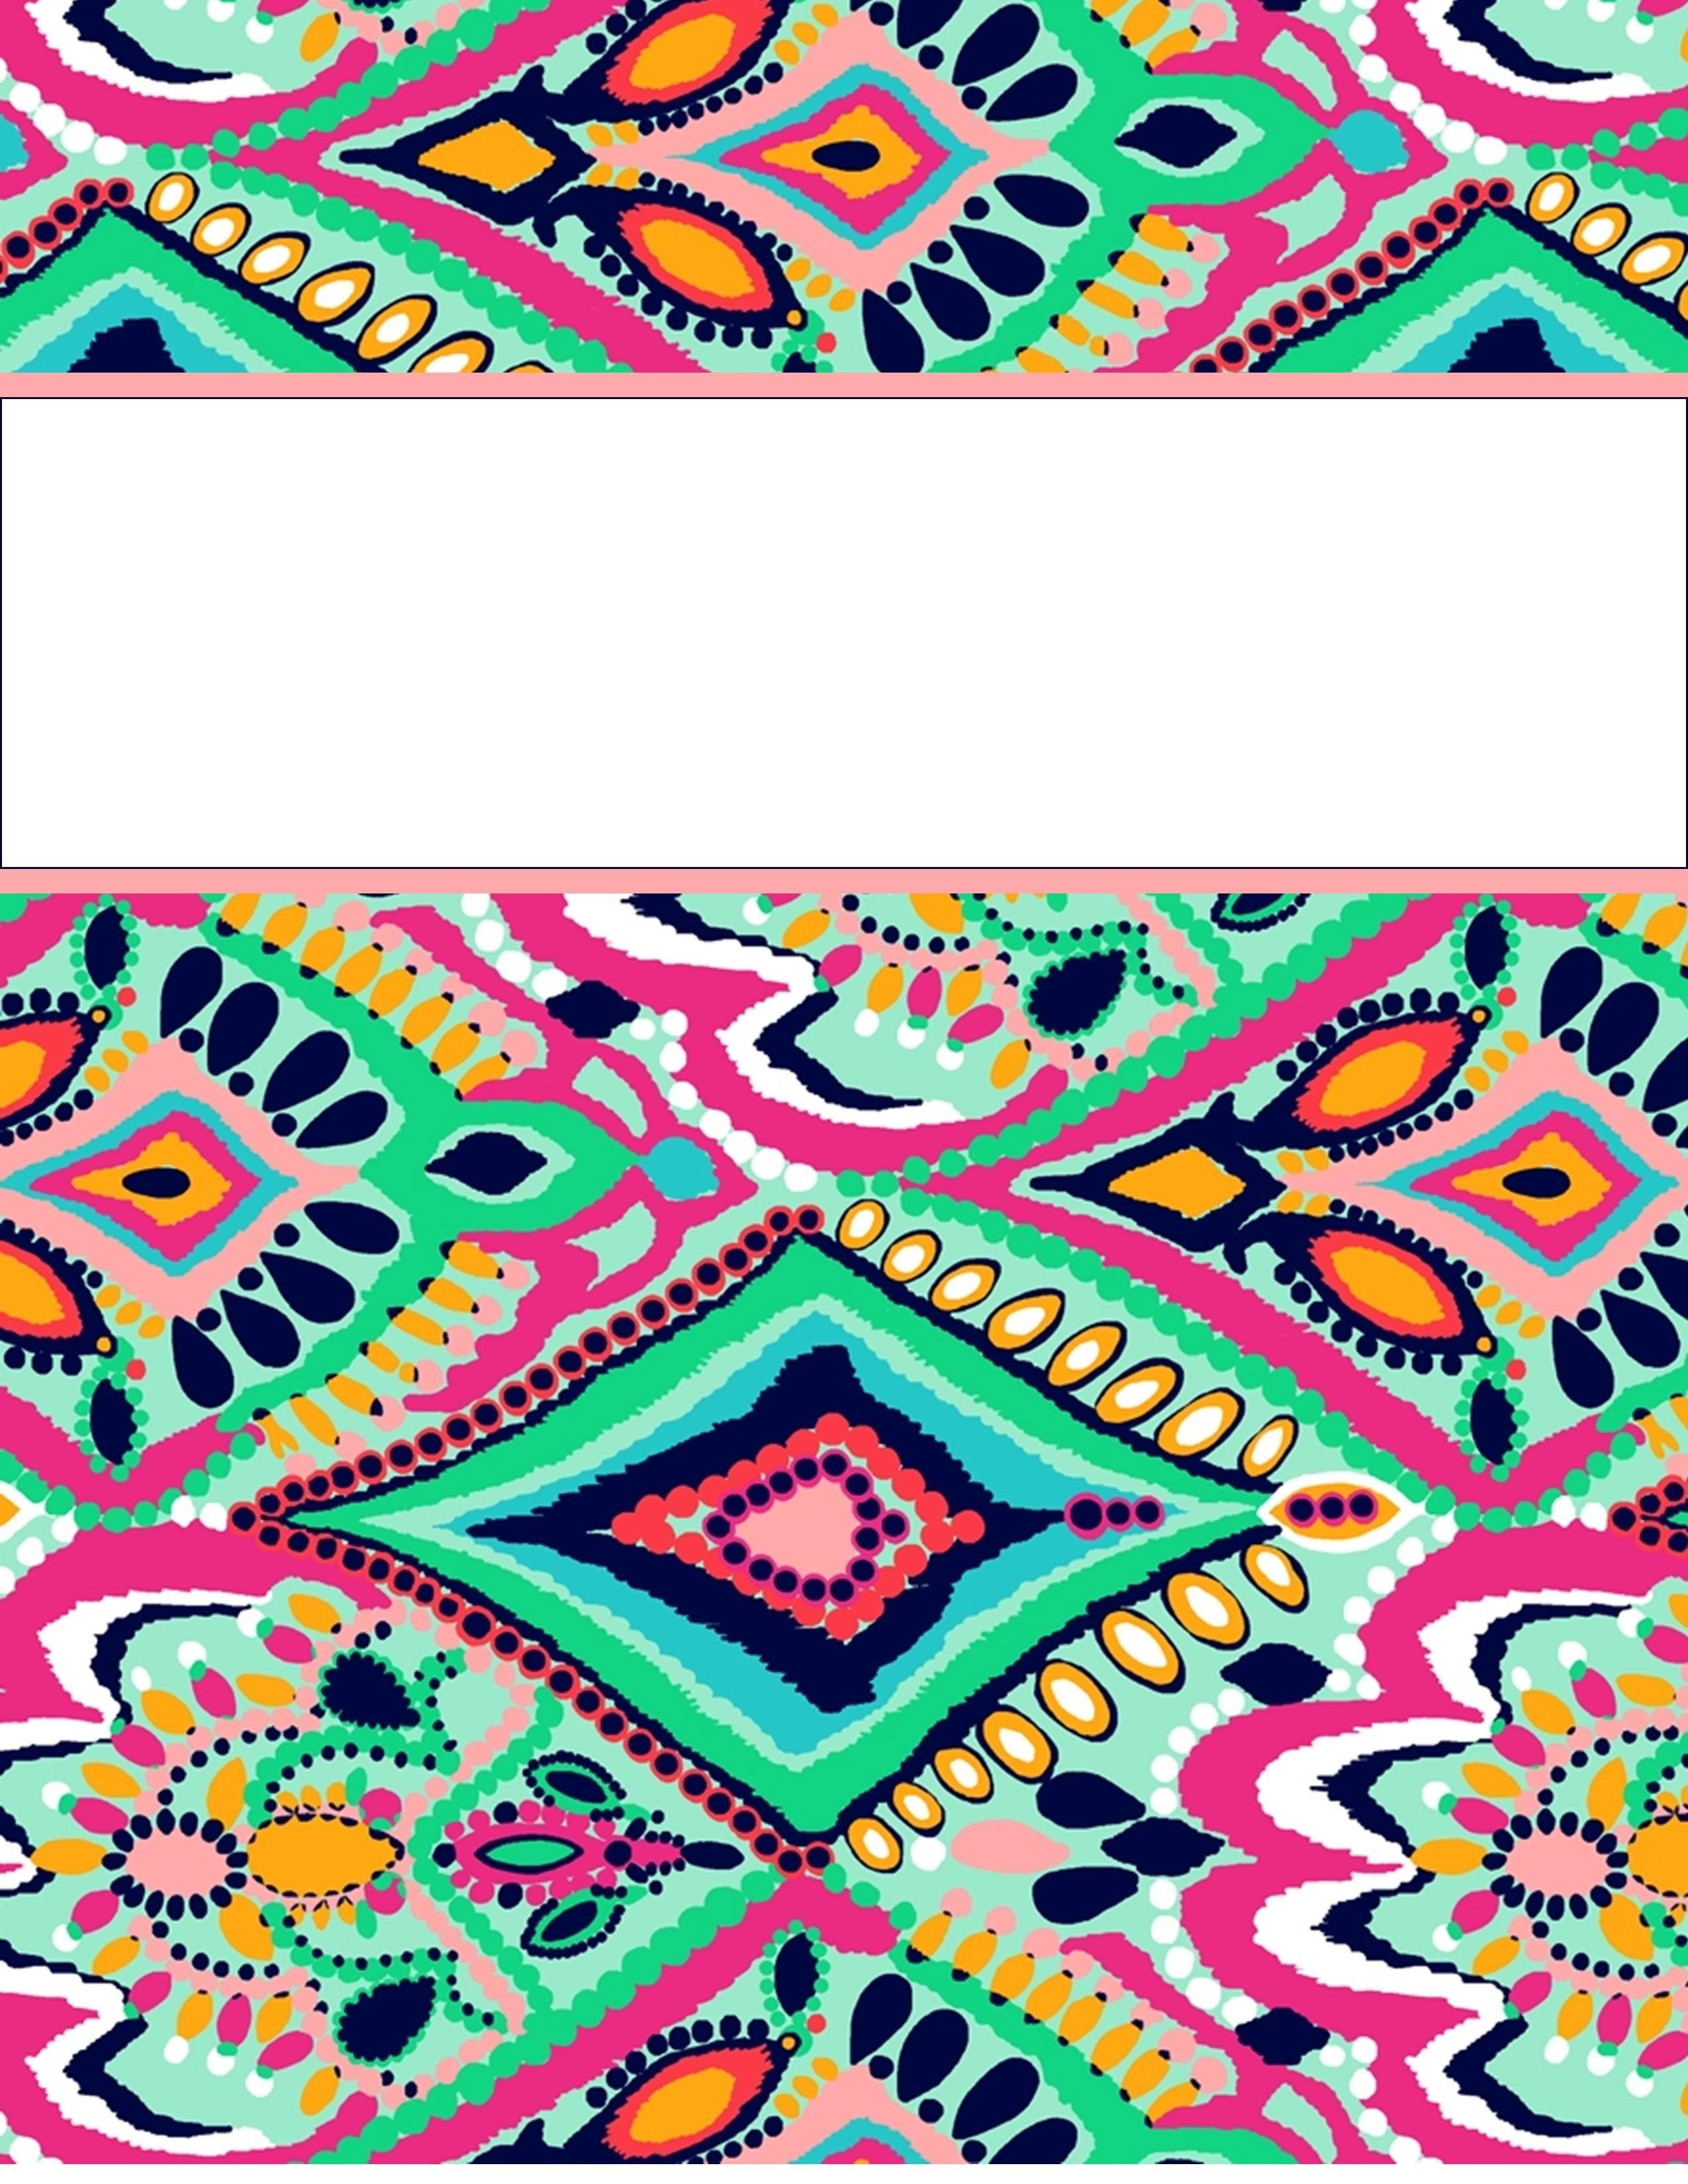 My Cute Binder Covers | Nursing School | Cute Binder Covers, Binder - Cute Free Printable Binder Covers